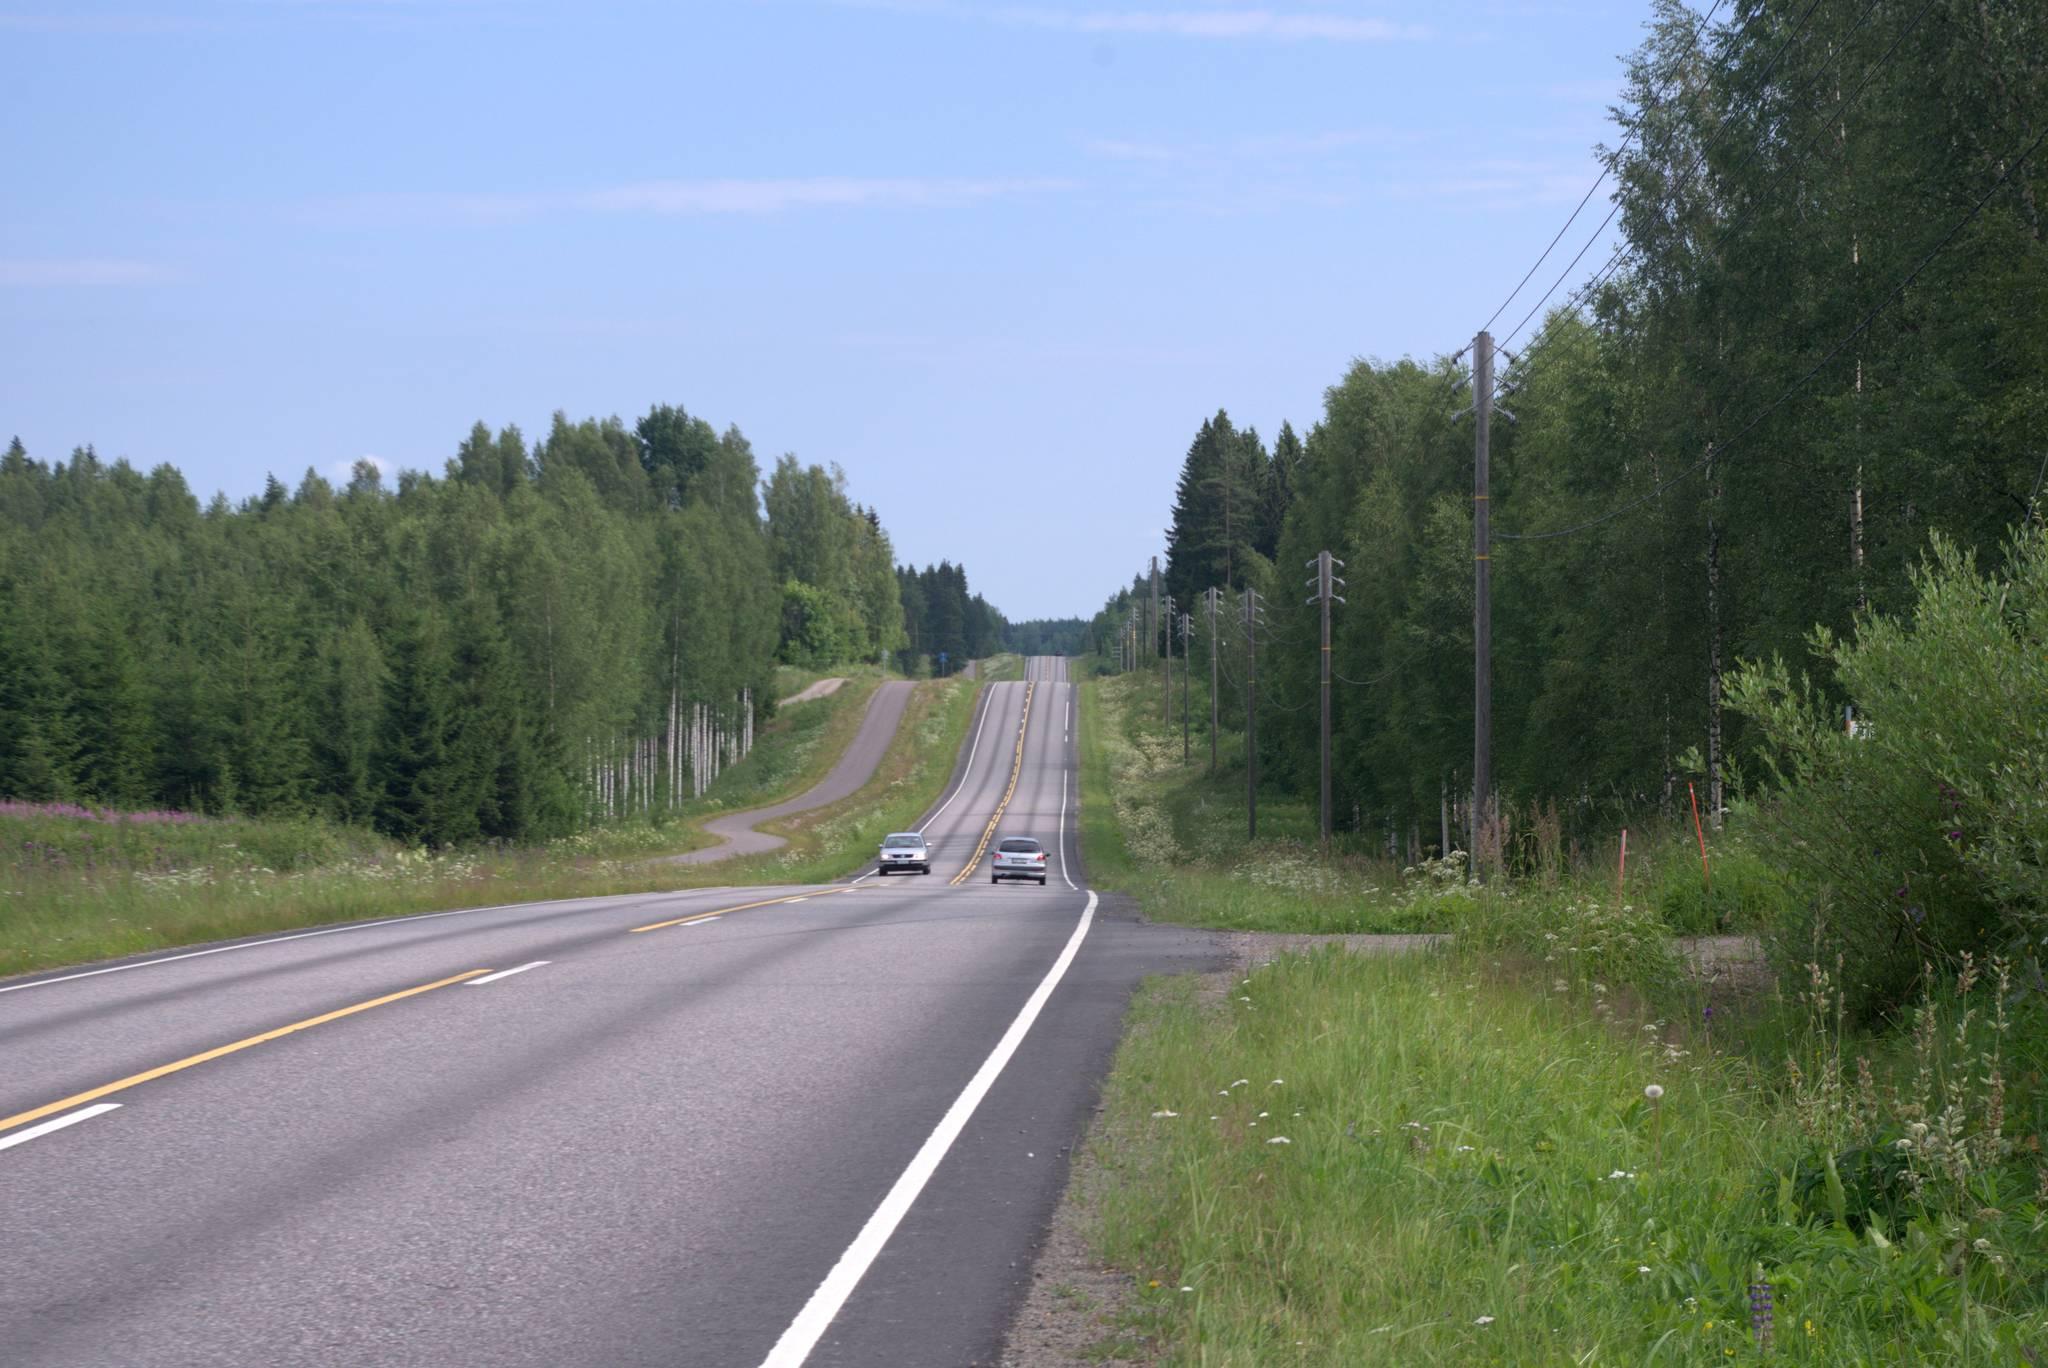 jakby ktoś wam kiedyś wmawiał, że Finlandia jest płaska to mu nie wierzcie